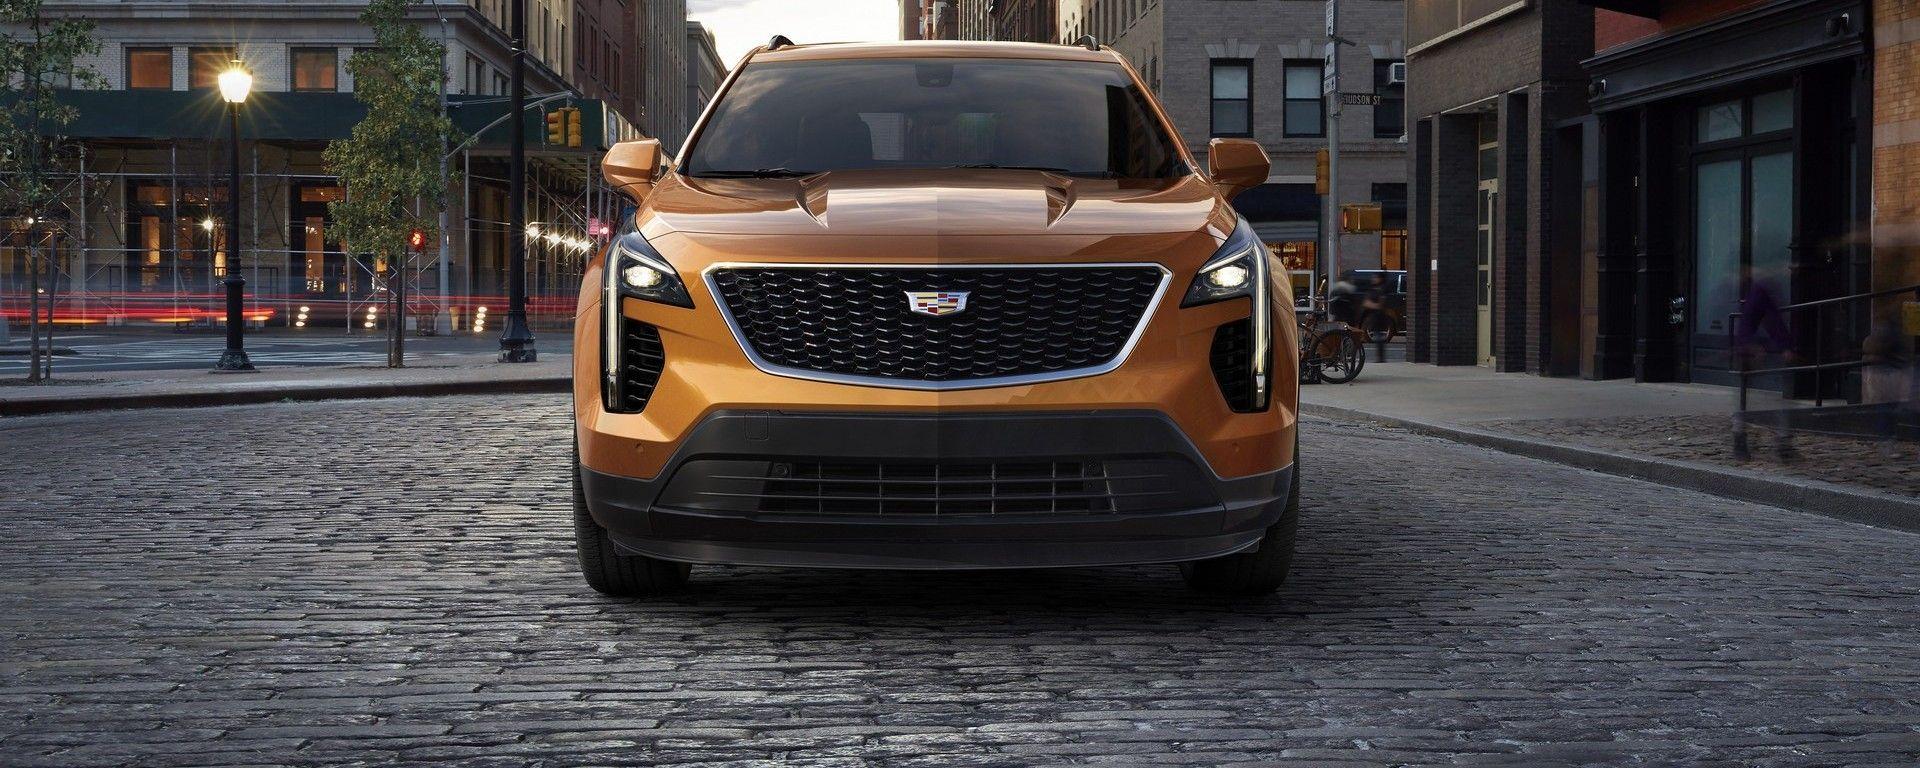 Nuova Cadillac XT4: SUV compatta made in USA